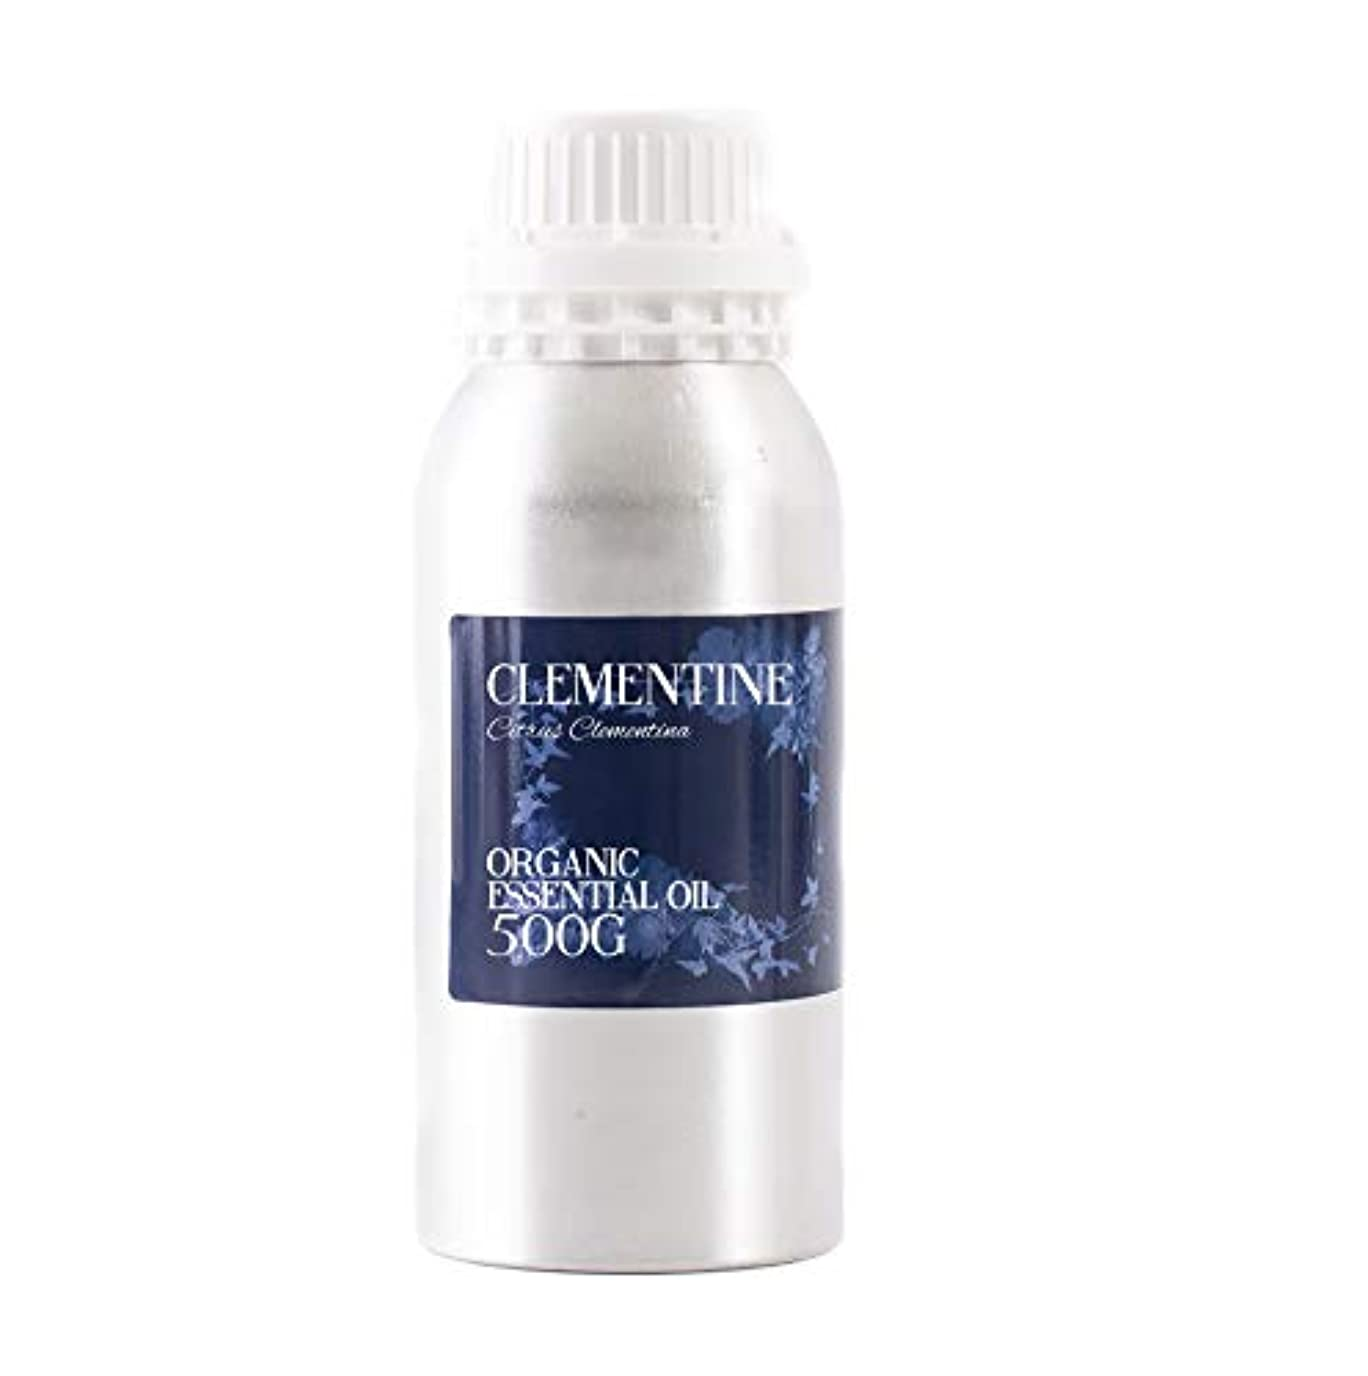 レイ地震計算可能Mystic Moments | Clementine Organic Essential Oil - 500g - 100% Pure